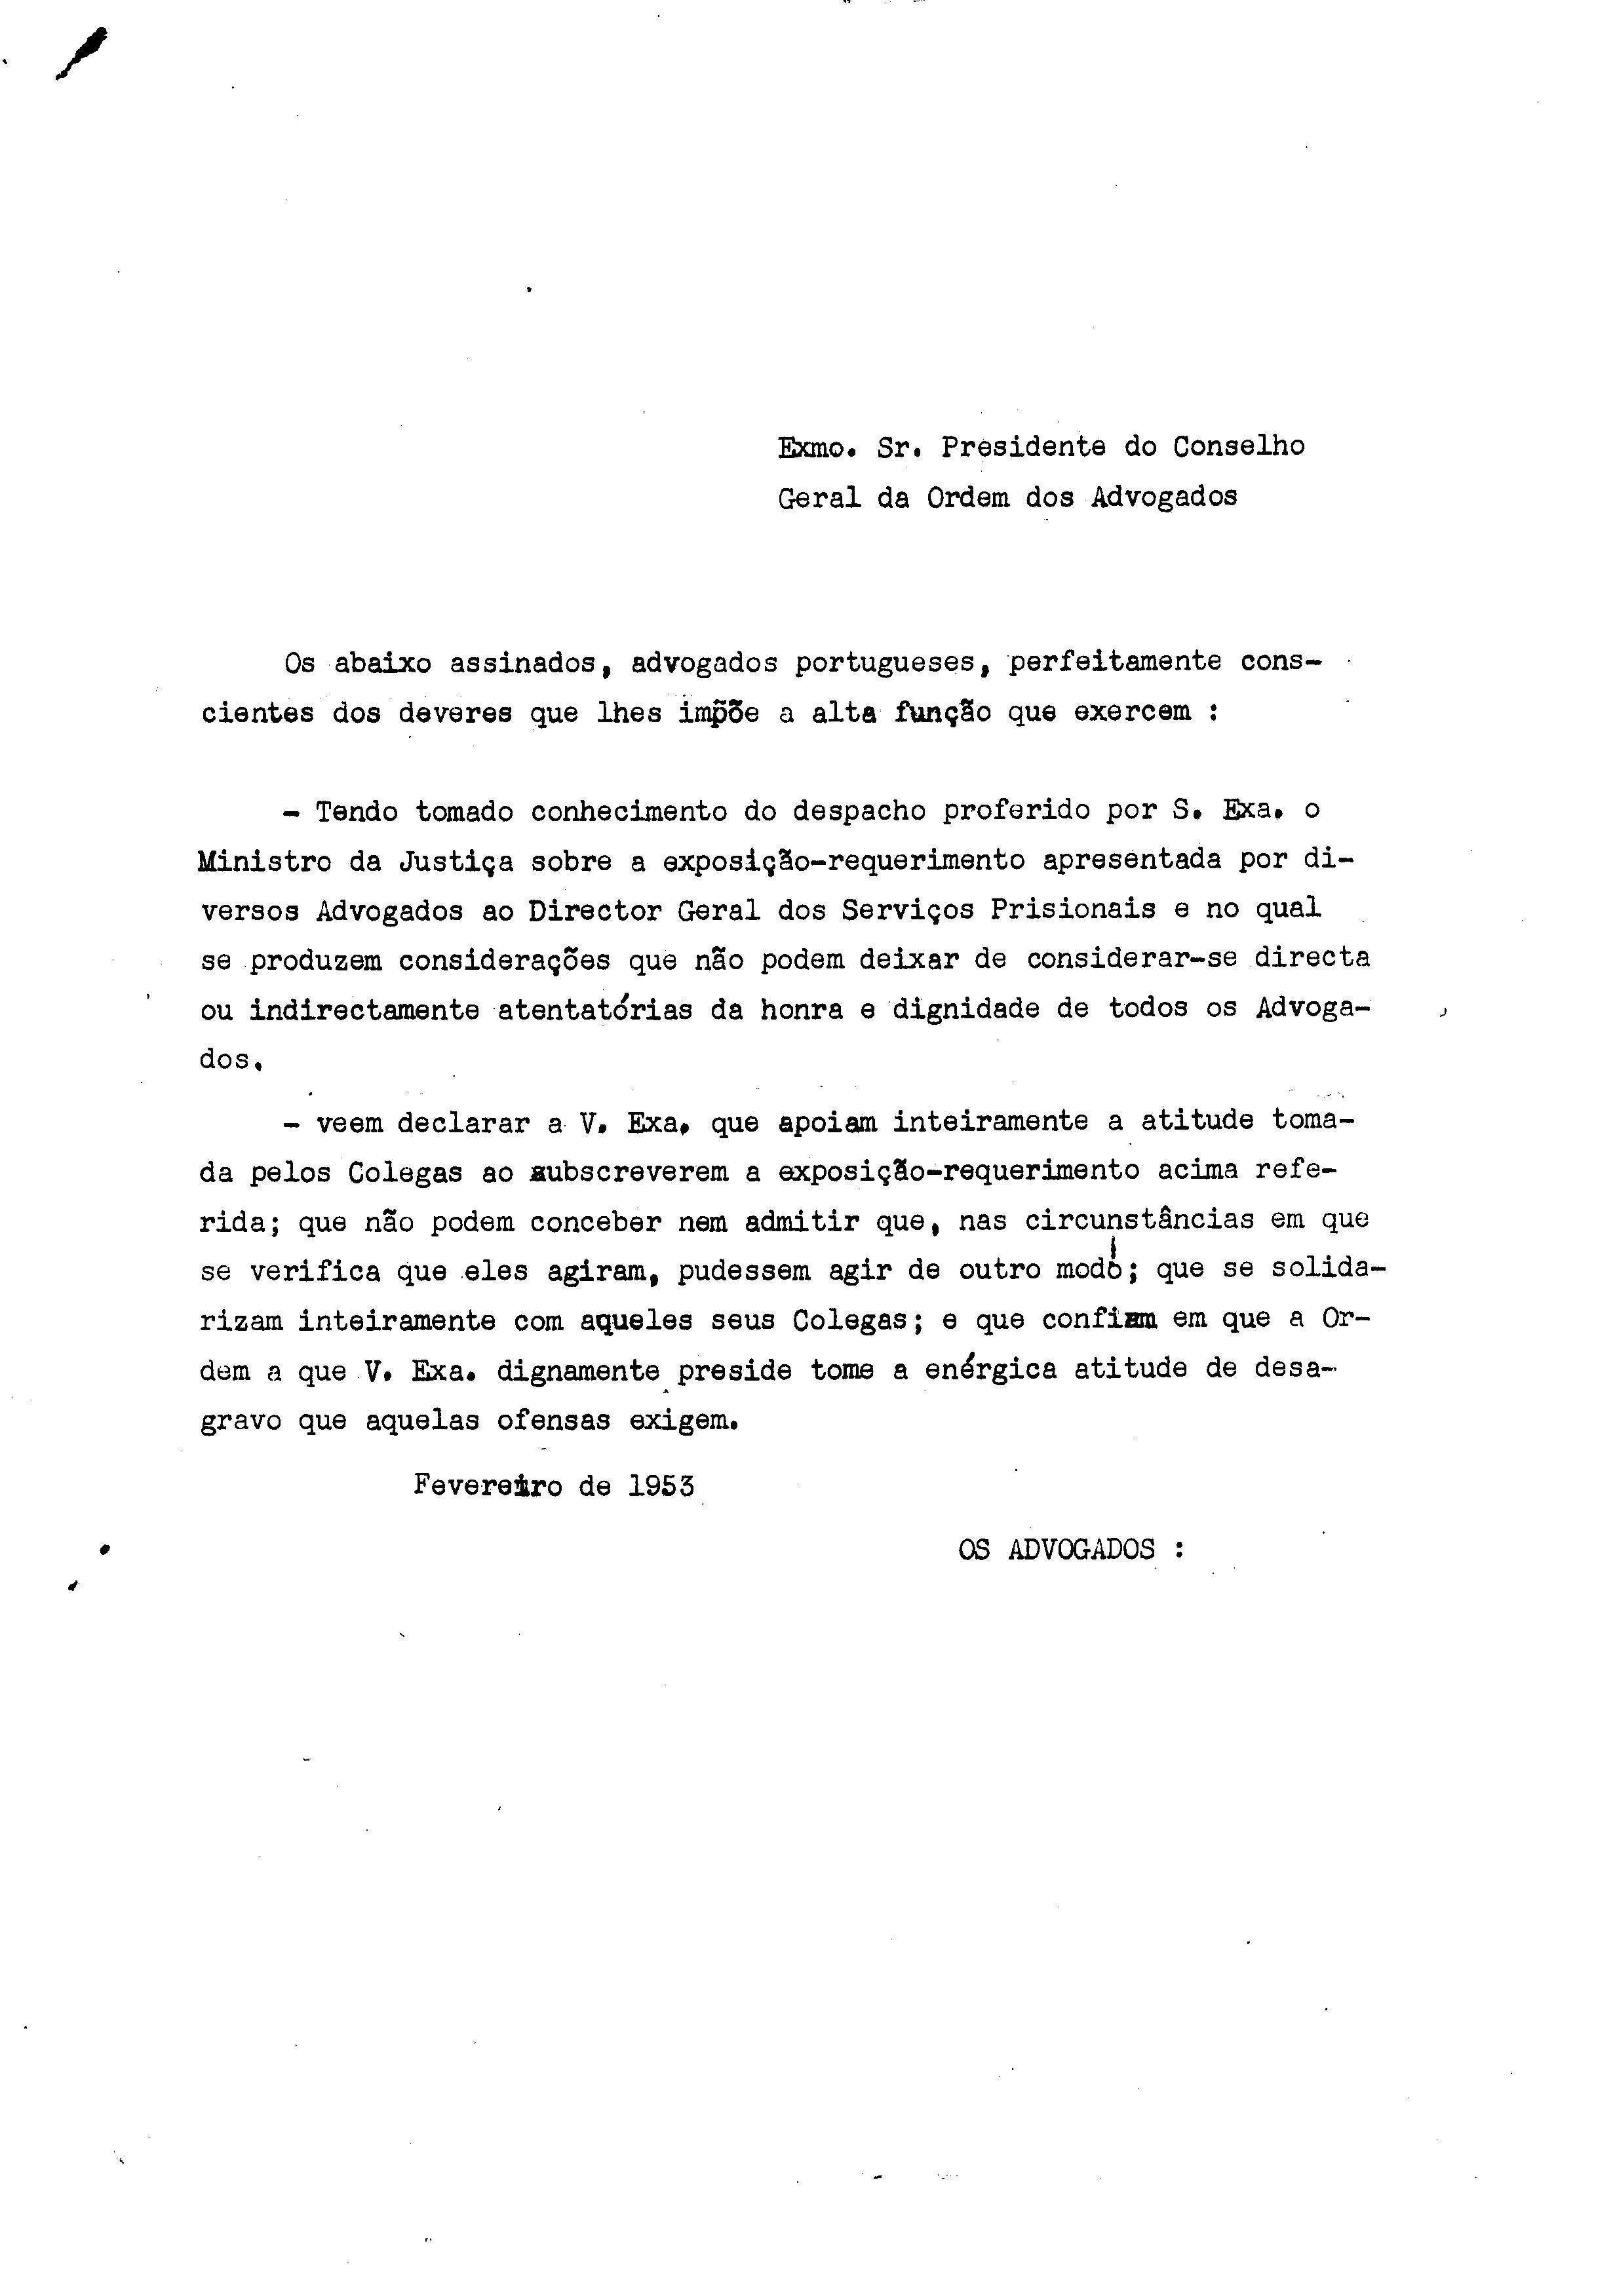 02611.004- pag.1